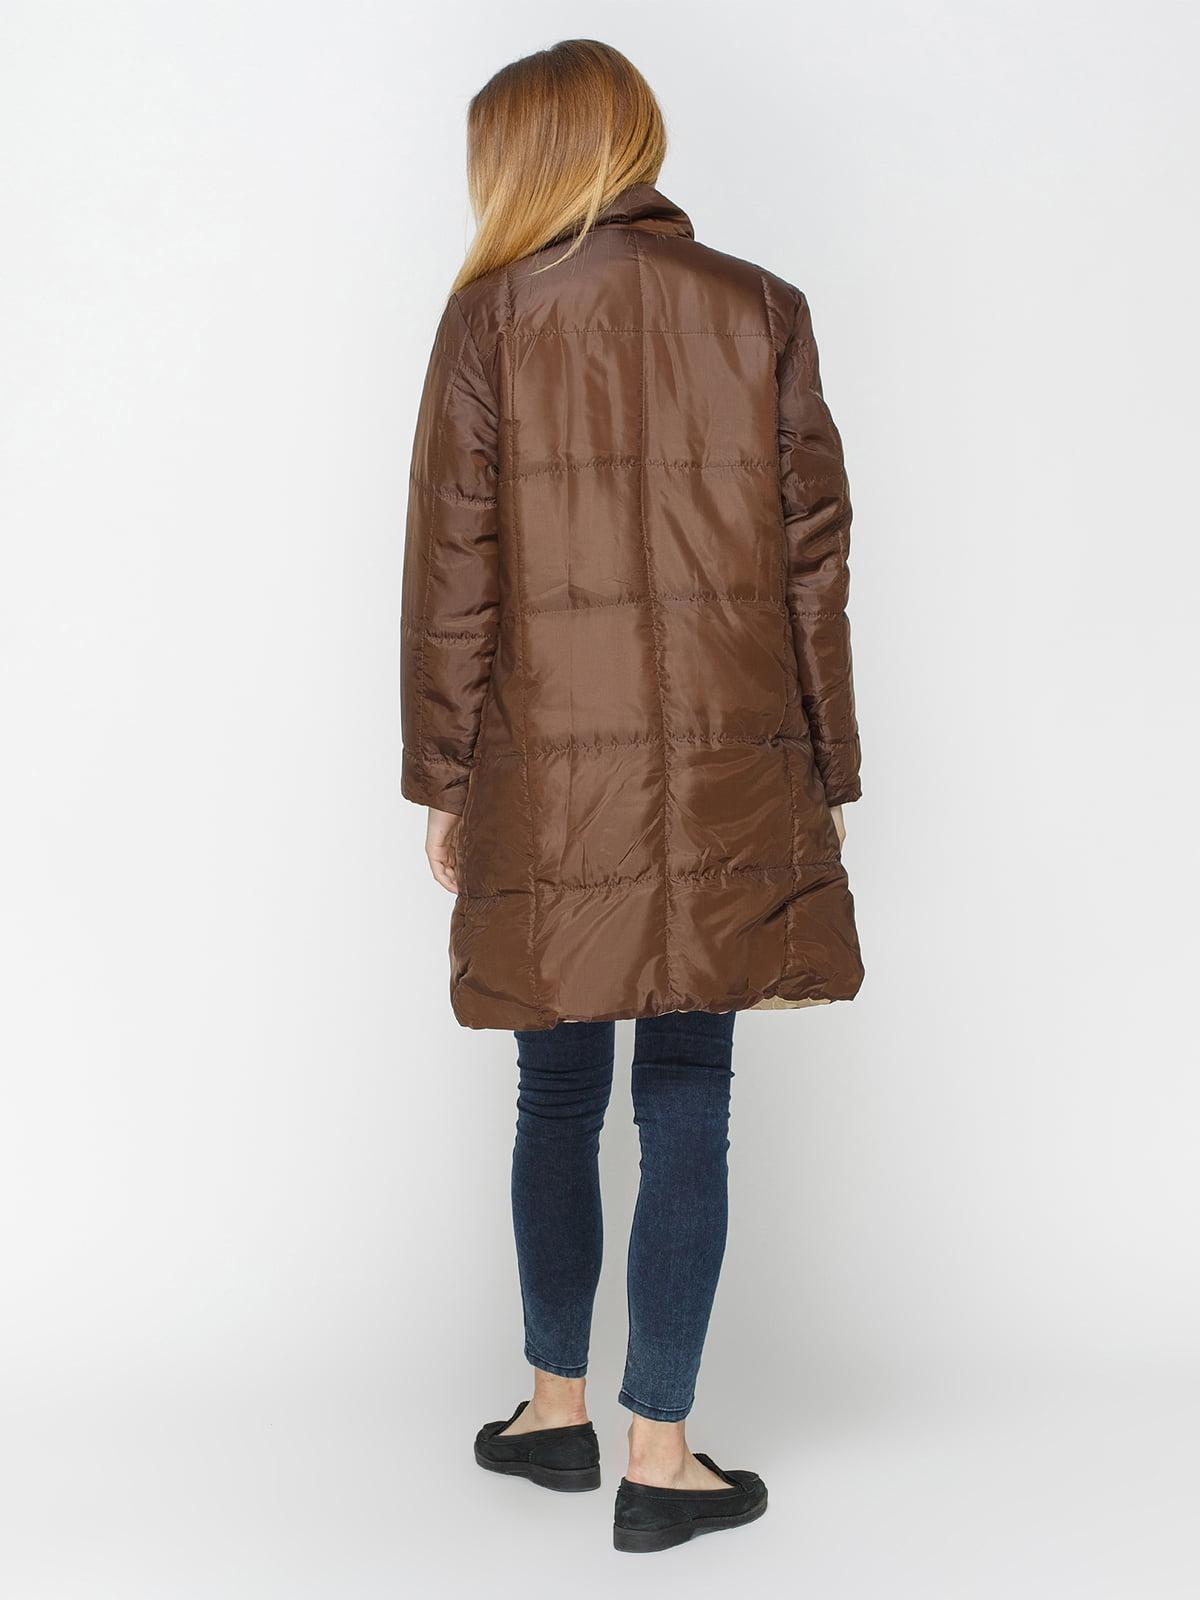 Куртка бежево-коричневая двусторонняя   4327088   фото 3